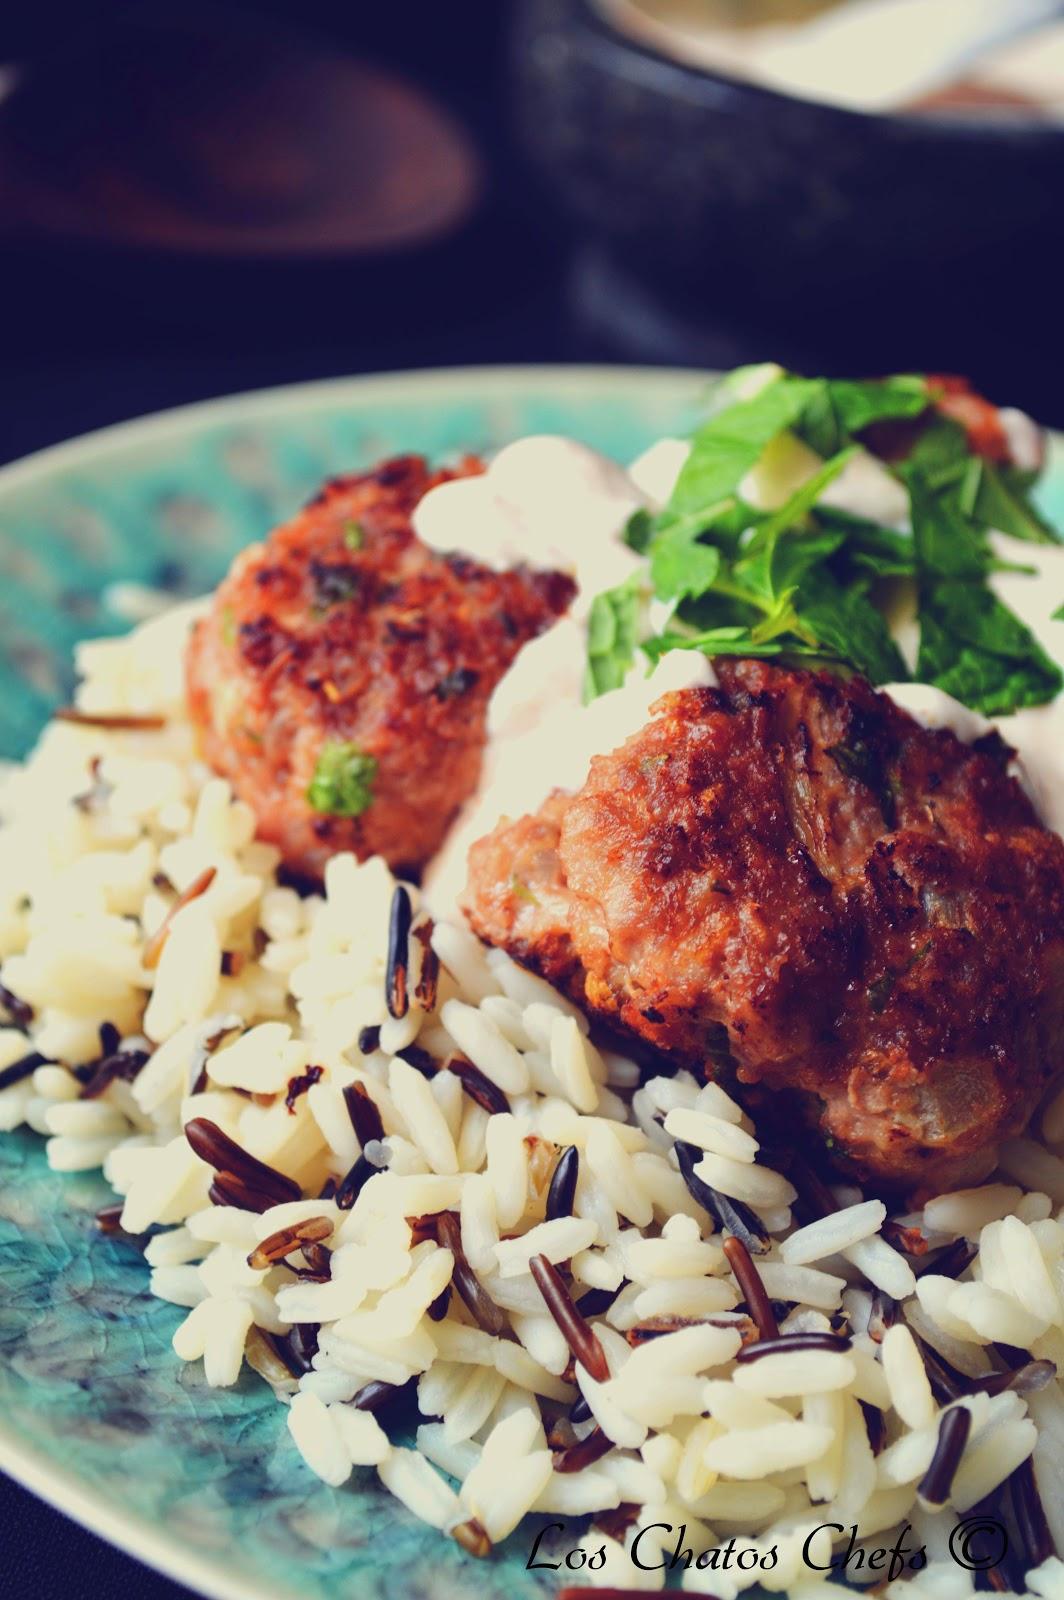 Los chatos chefs alb ndigas al estilo rabe - Acompanamiento para albondigas ...